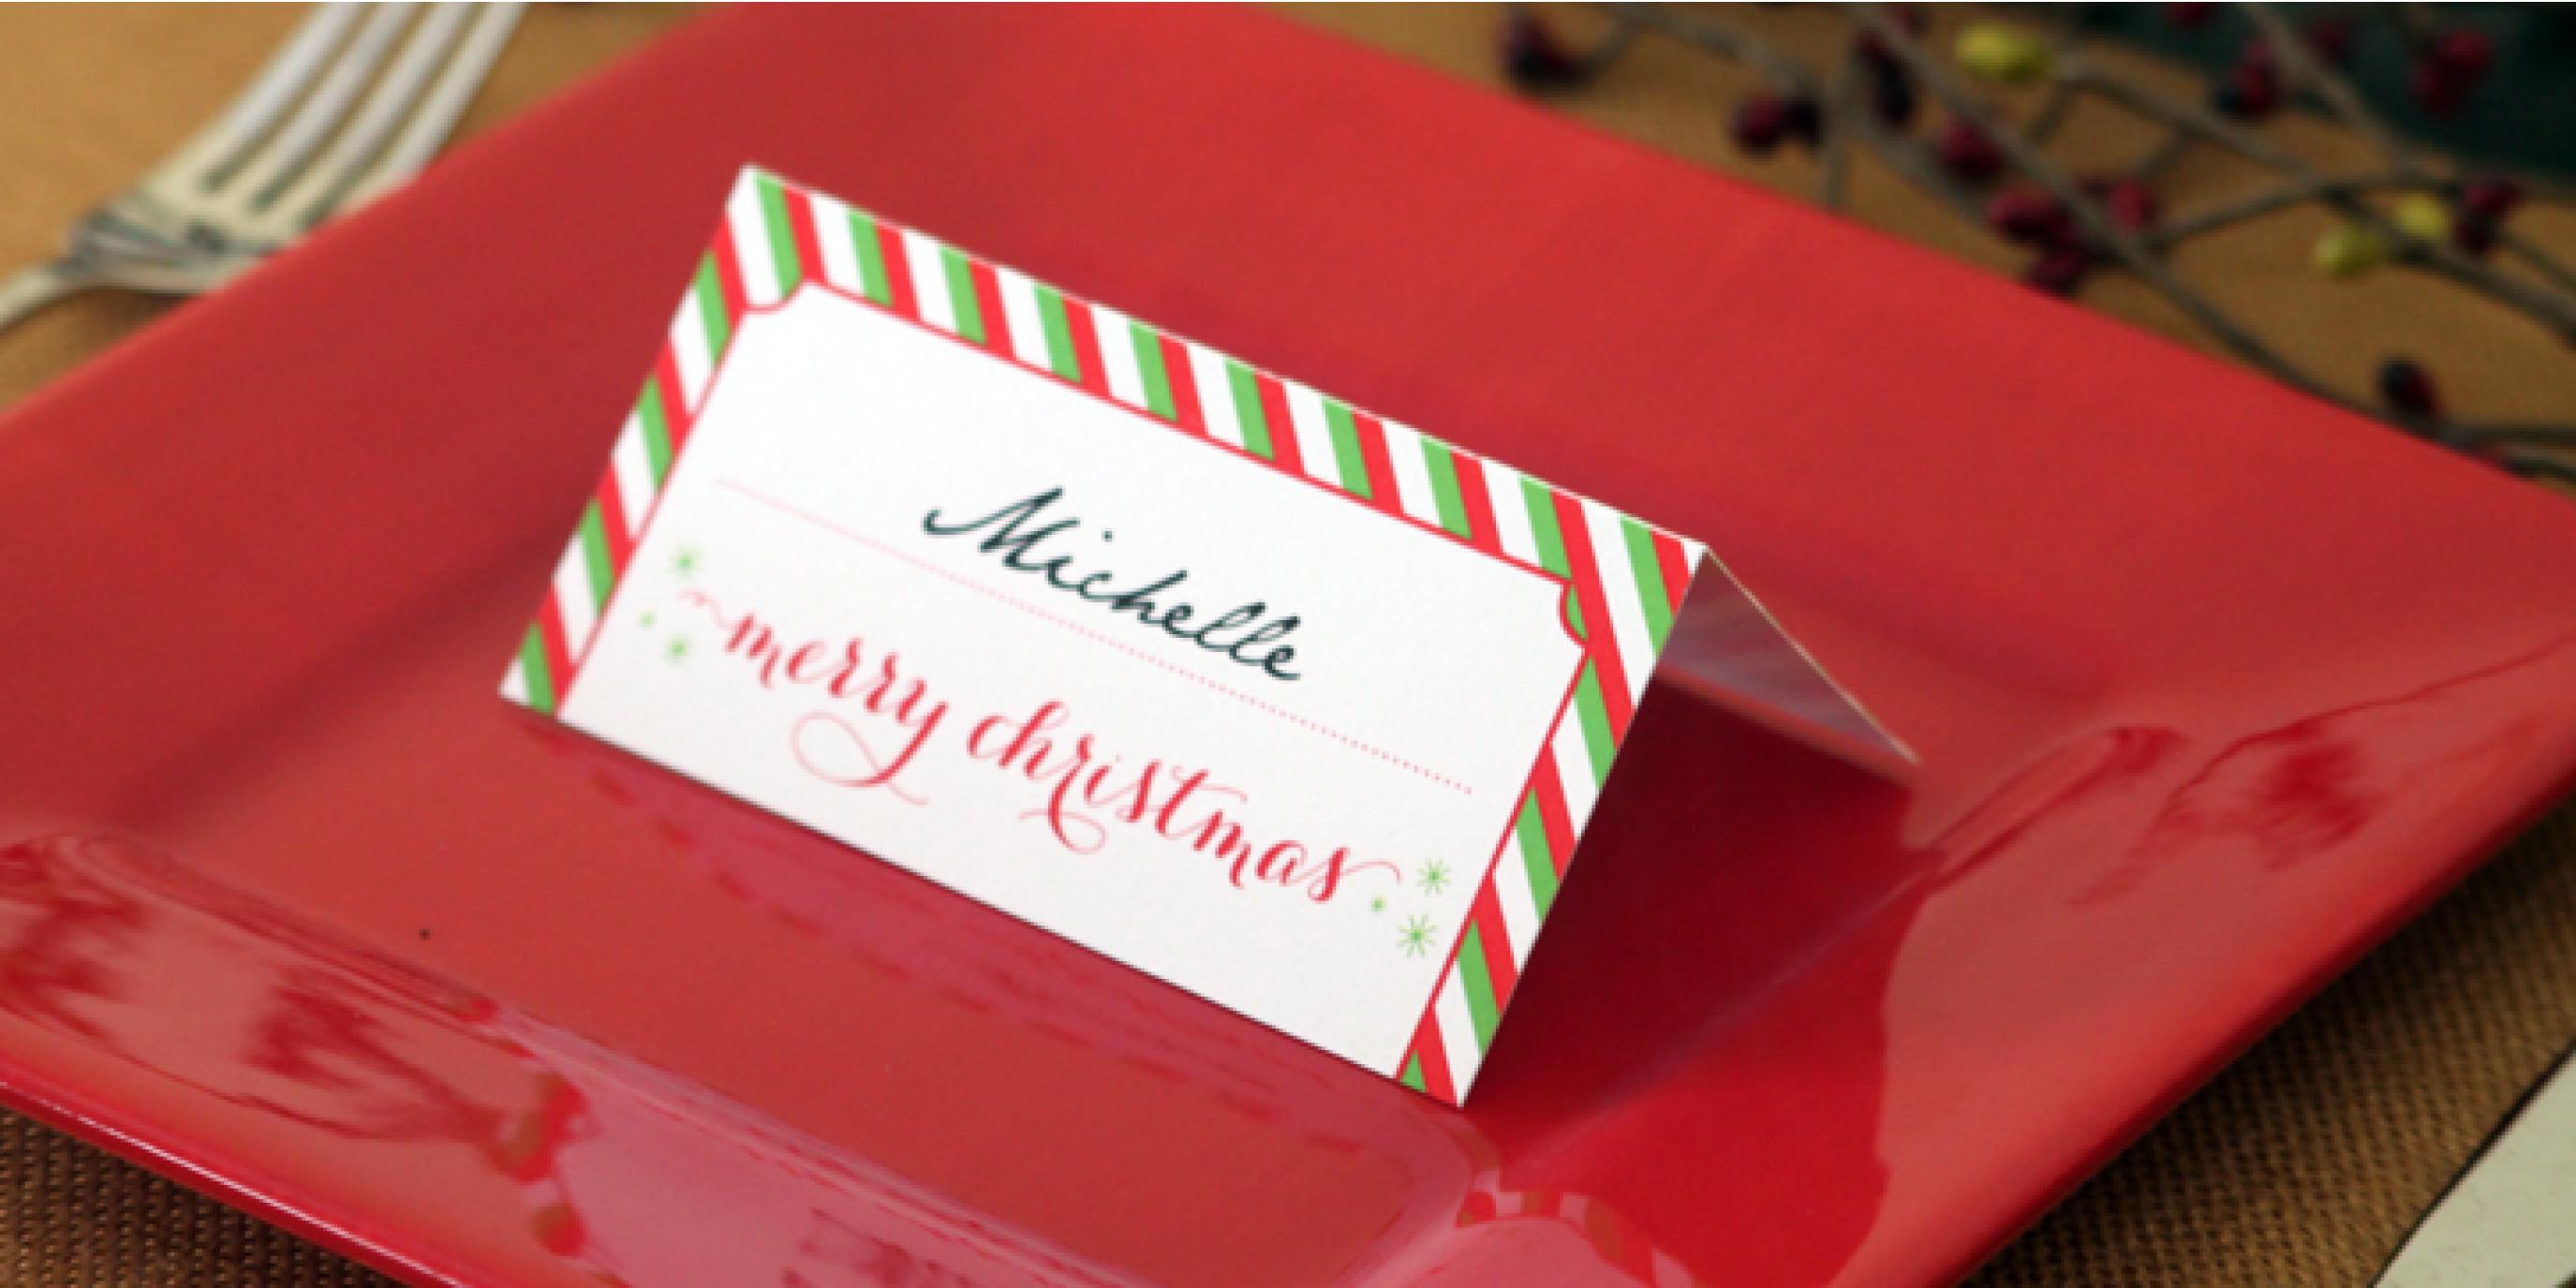 Holiday Place Card Diy Printable - Christmas Table Name Cards Free Printable